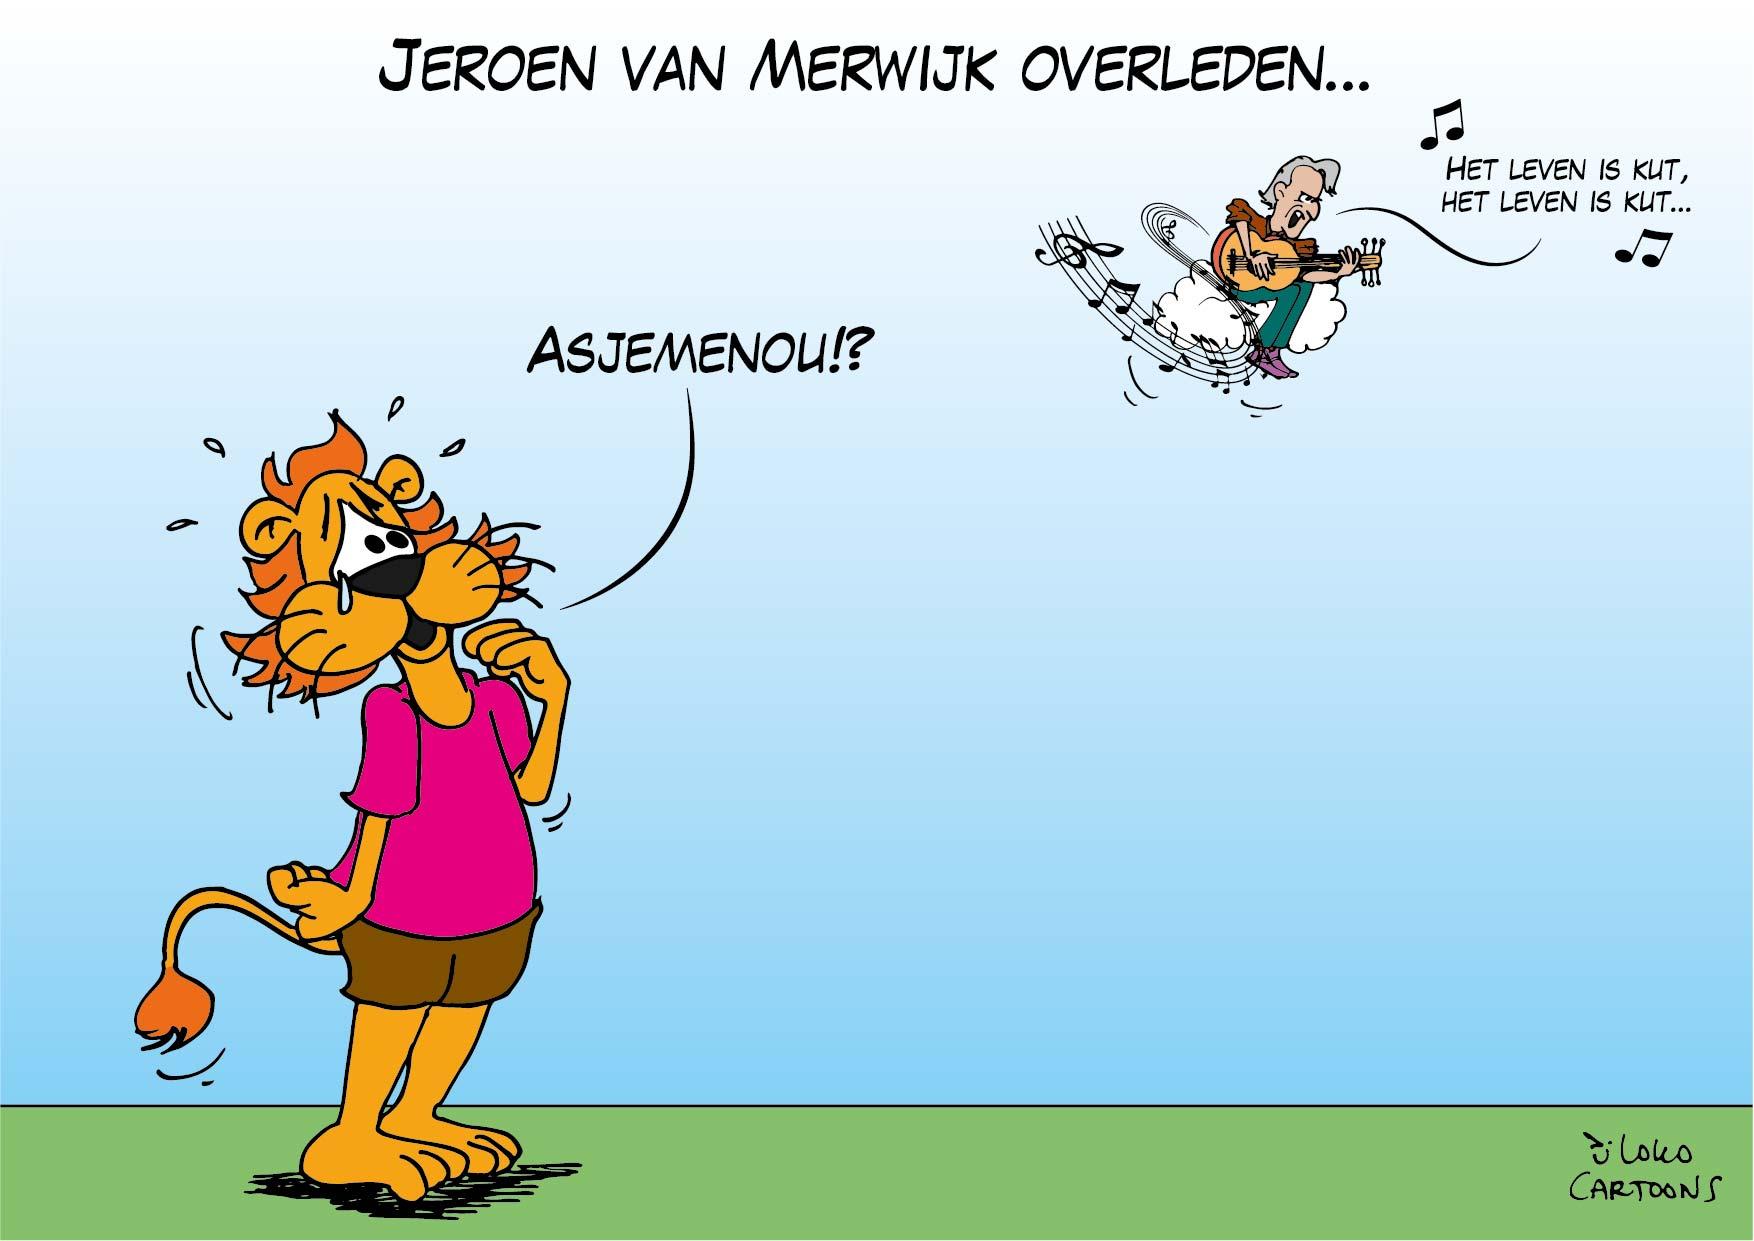 Jeroen van Merwijk overleden